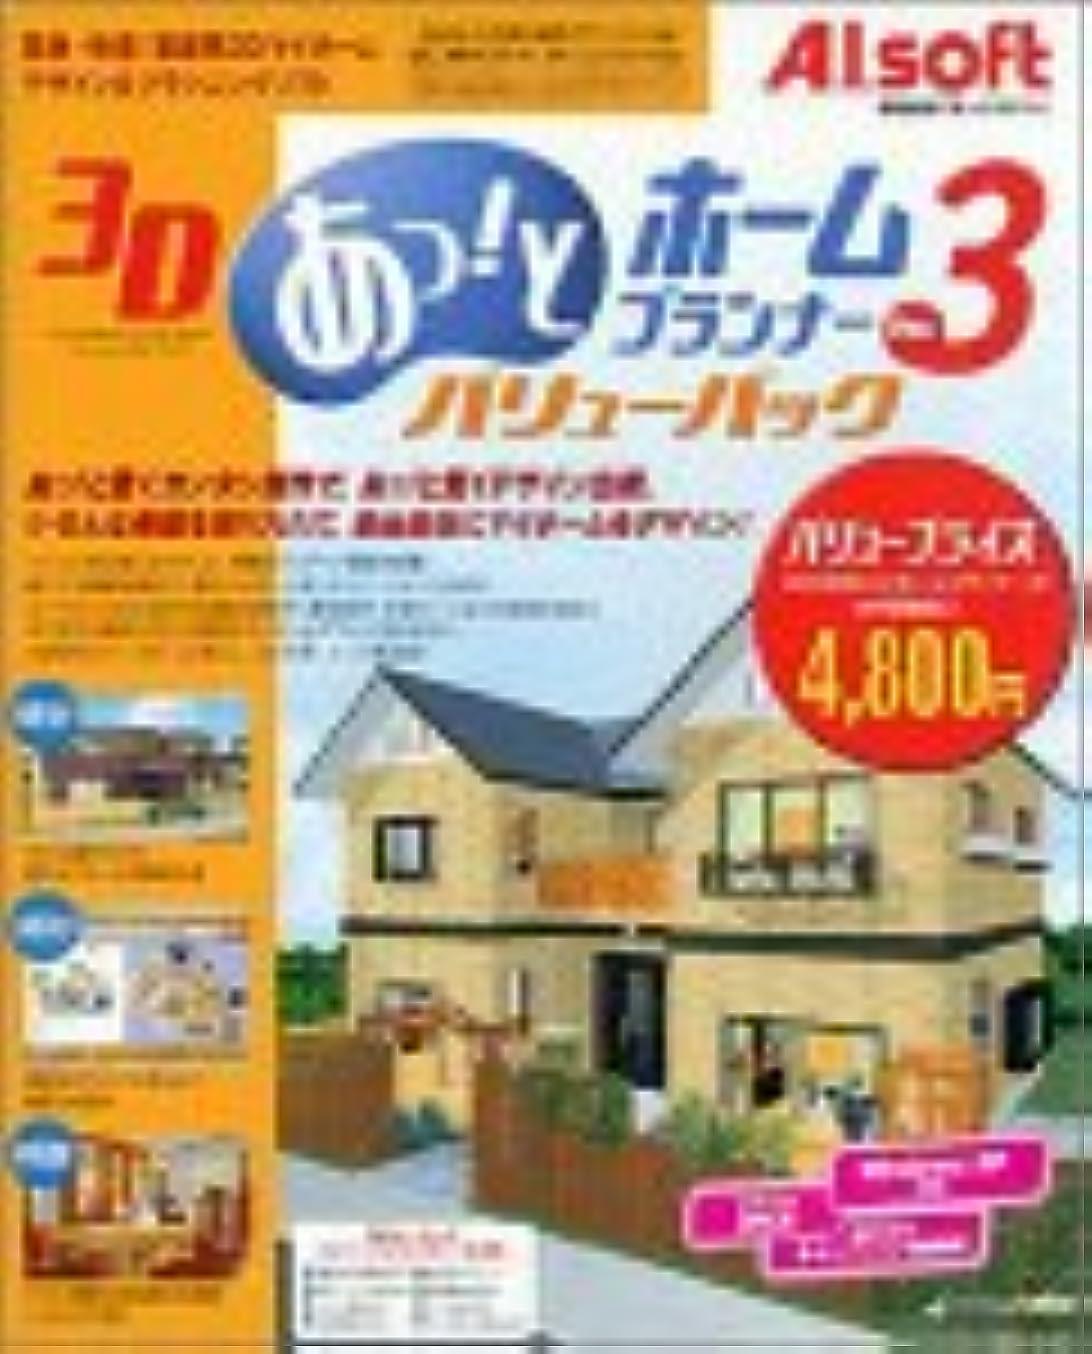 感謝する富富3Dあっ!とホームプランナー Ver.3 バリューパック